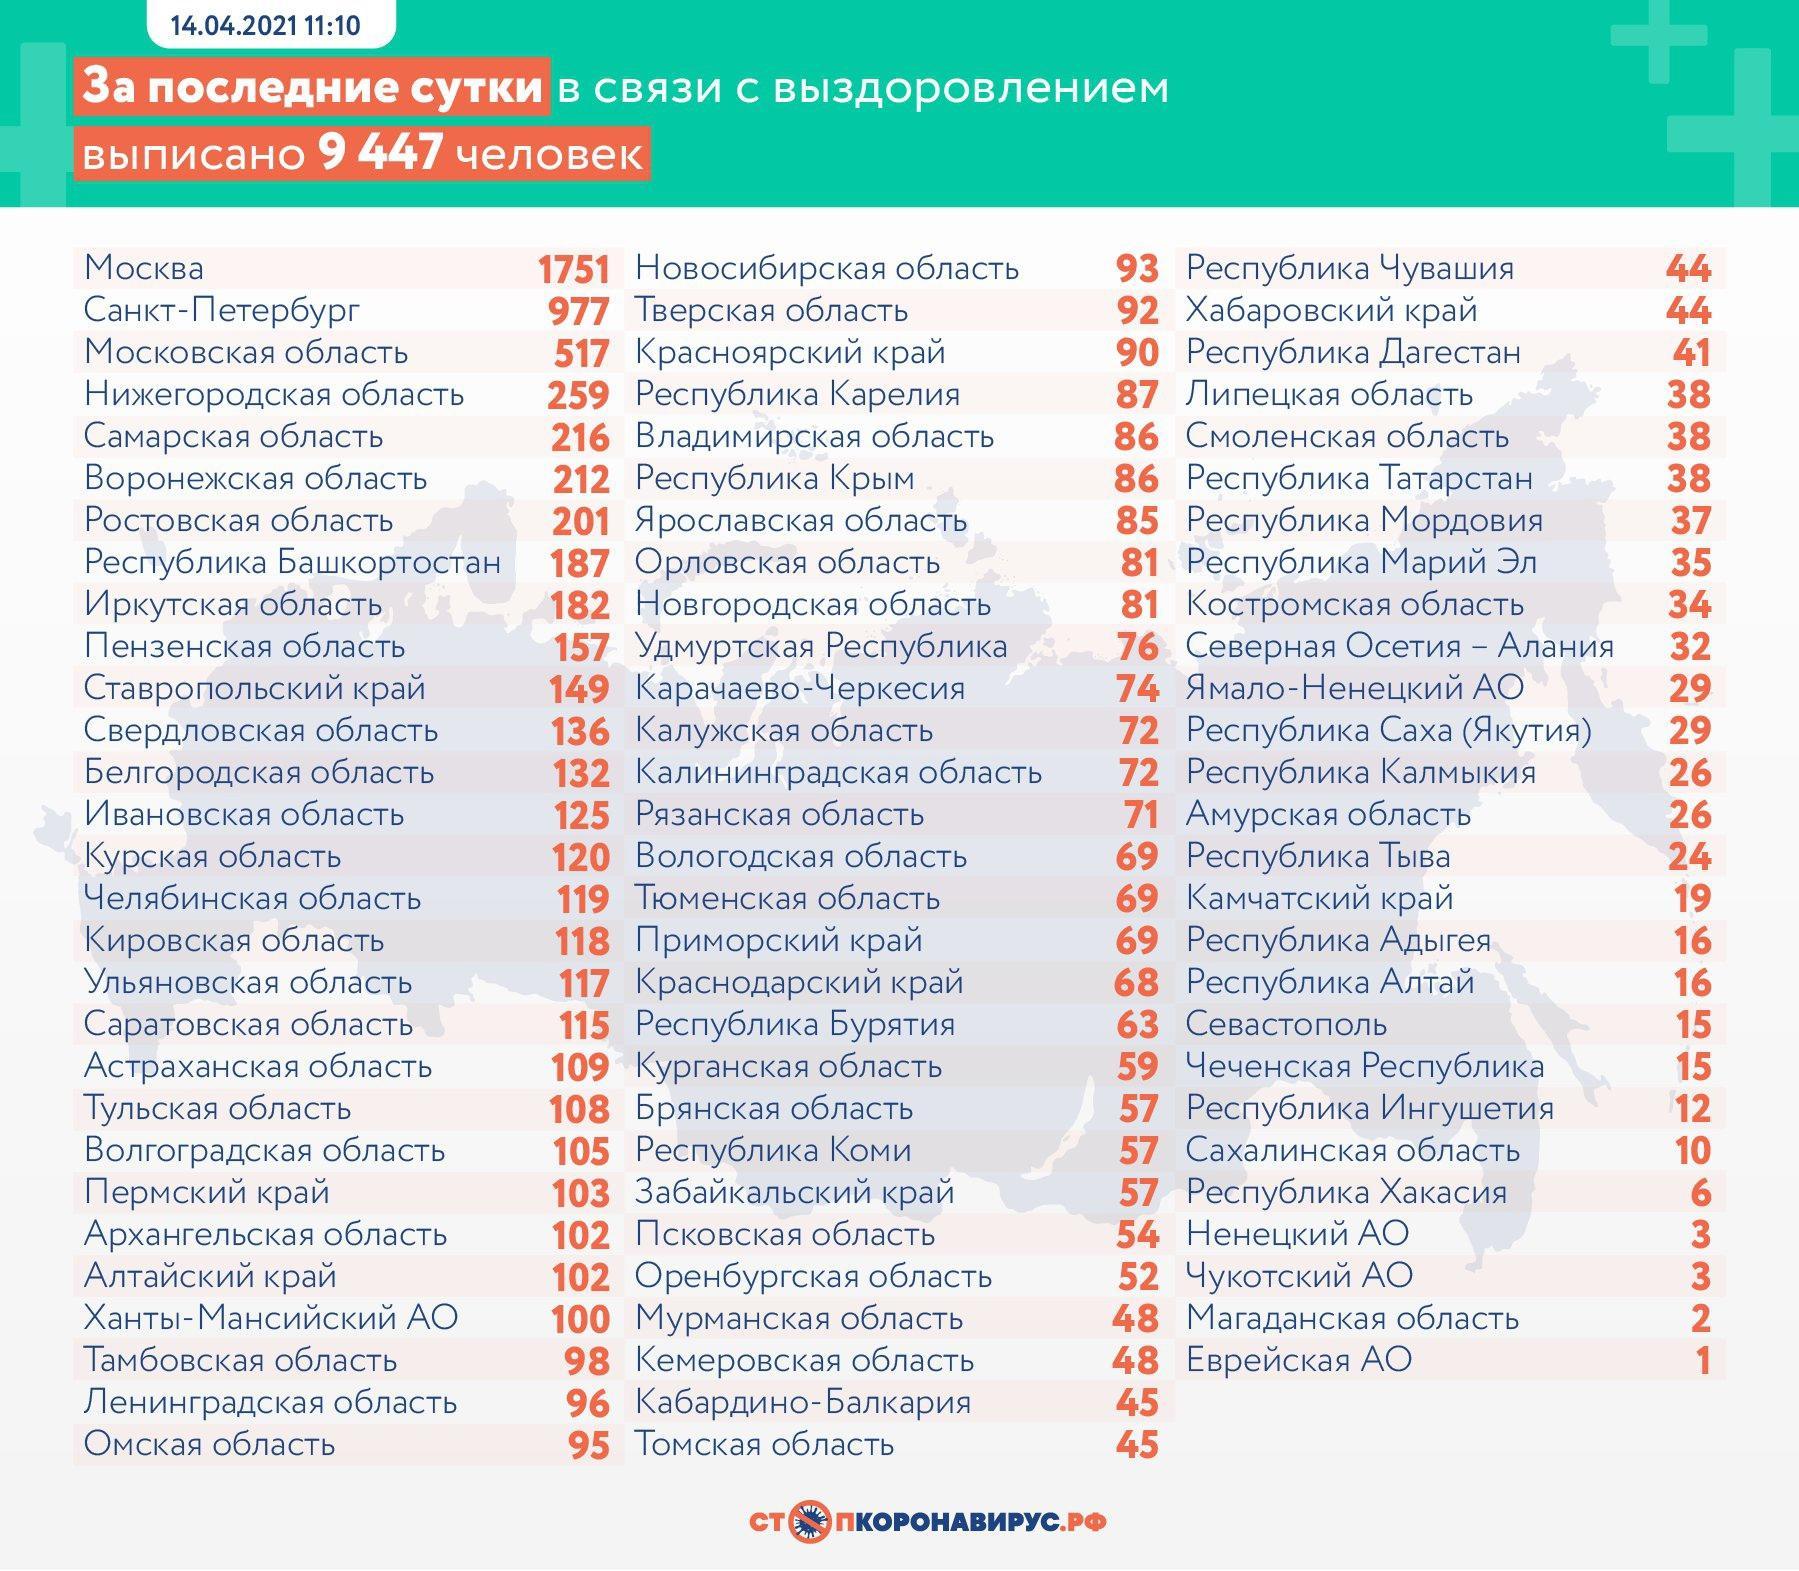 фото 104 тысячи человек умерли от коронавируса в России 3